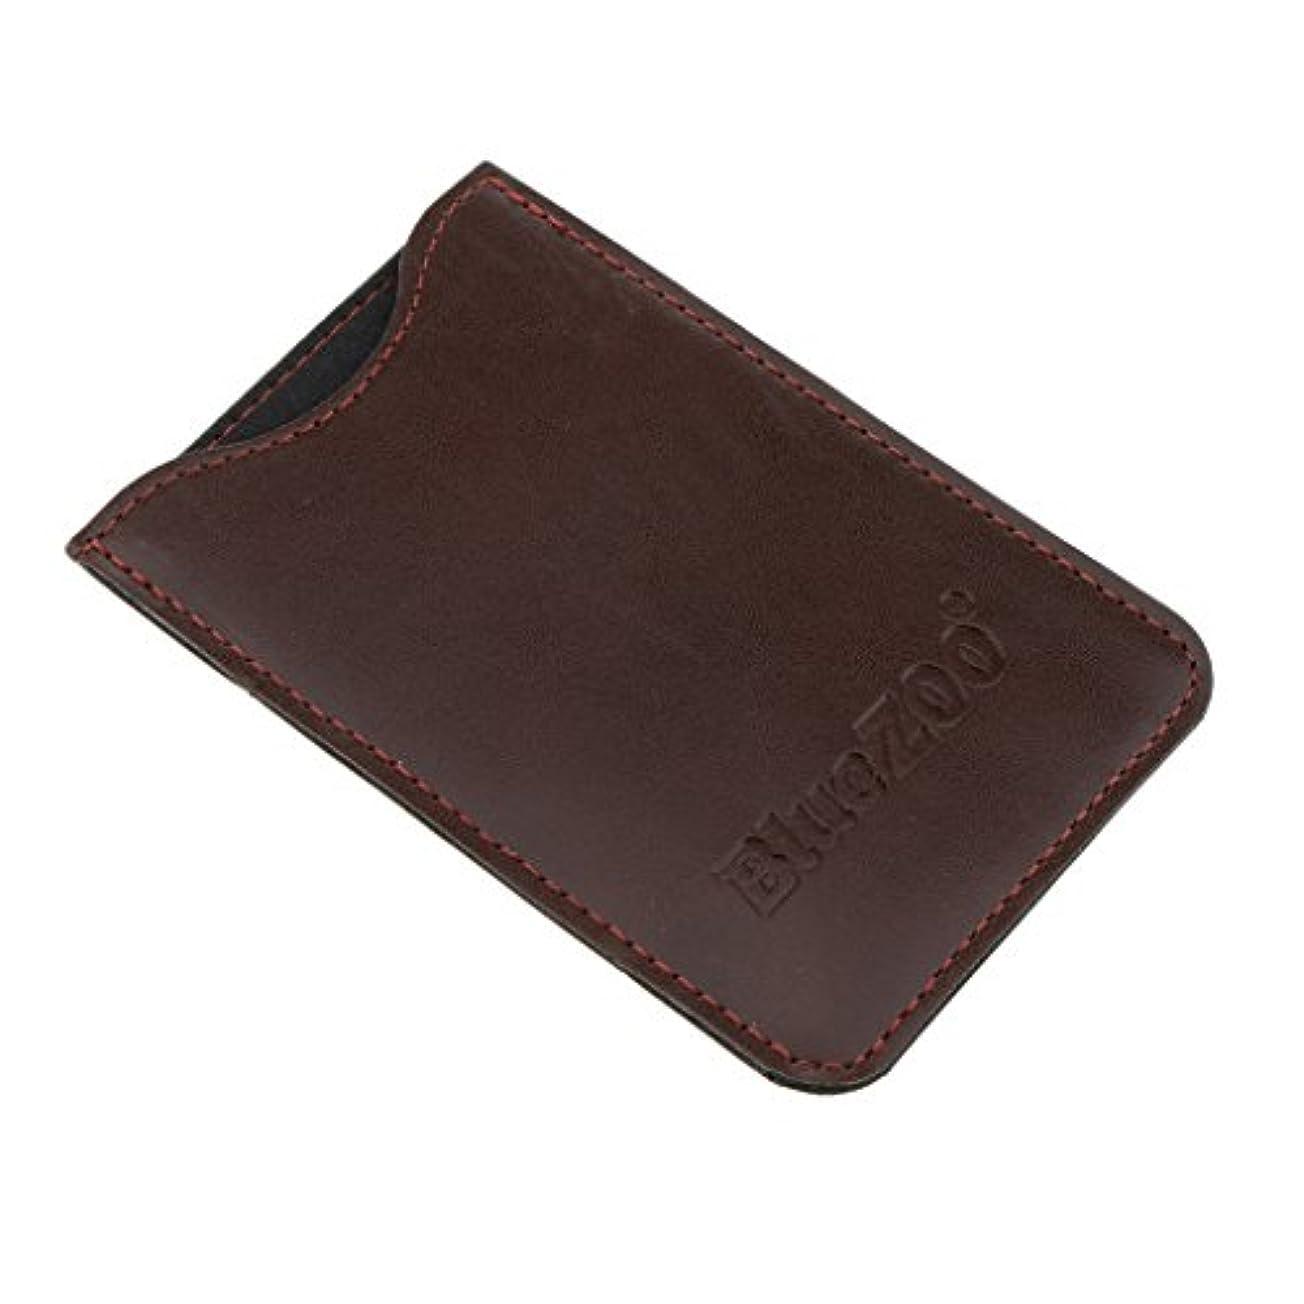 口頭ロデオおもてなしHomyl 収納パック 収納ケース 保護カバー 櫛/名刺/IDカード/銀行カード 多機能 高品質 全2色  - 褐色